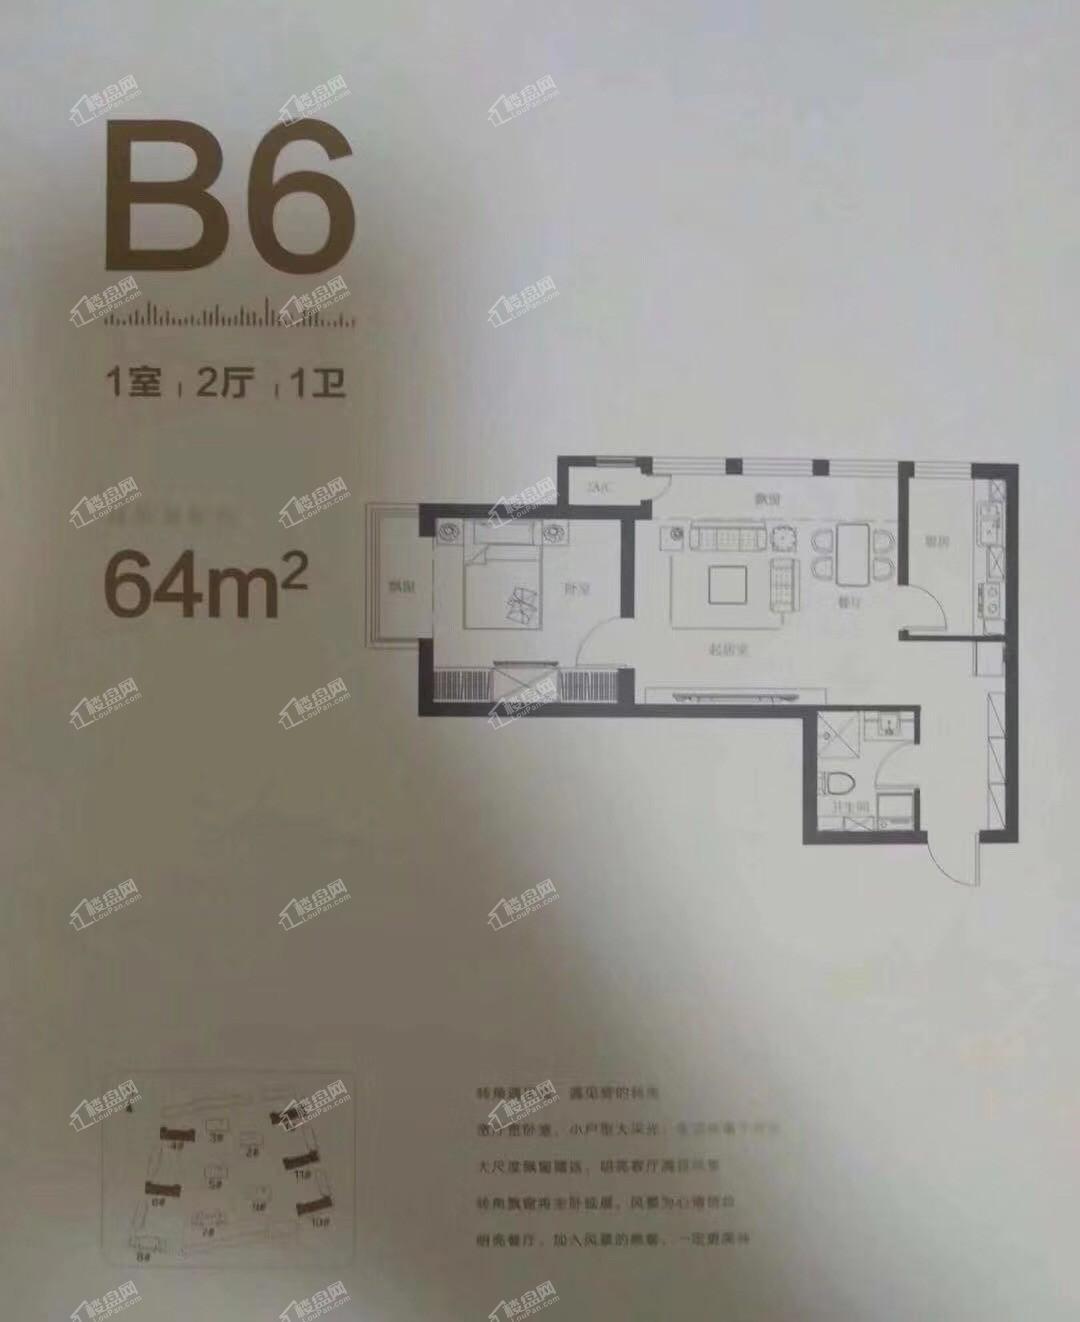 新松·茂樾山B6loft小户型